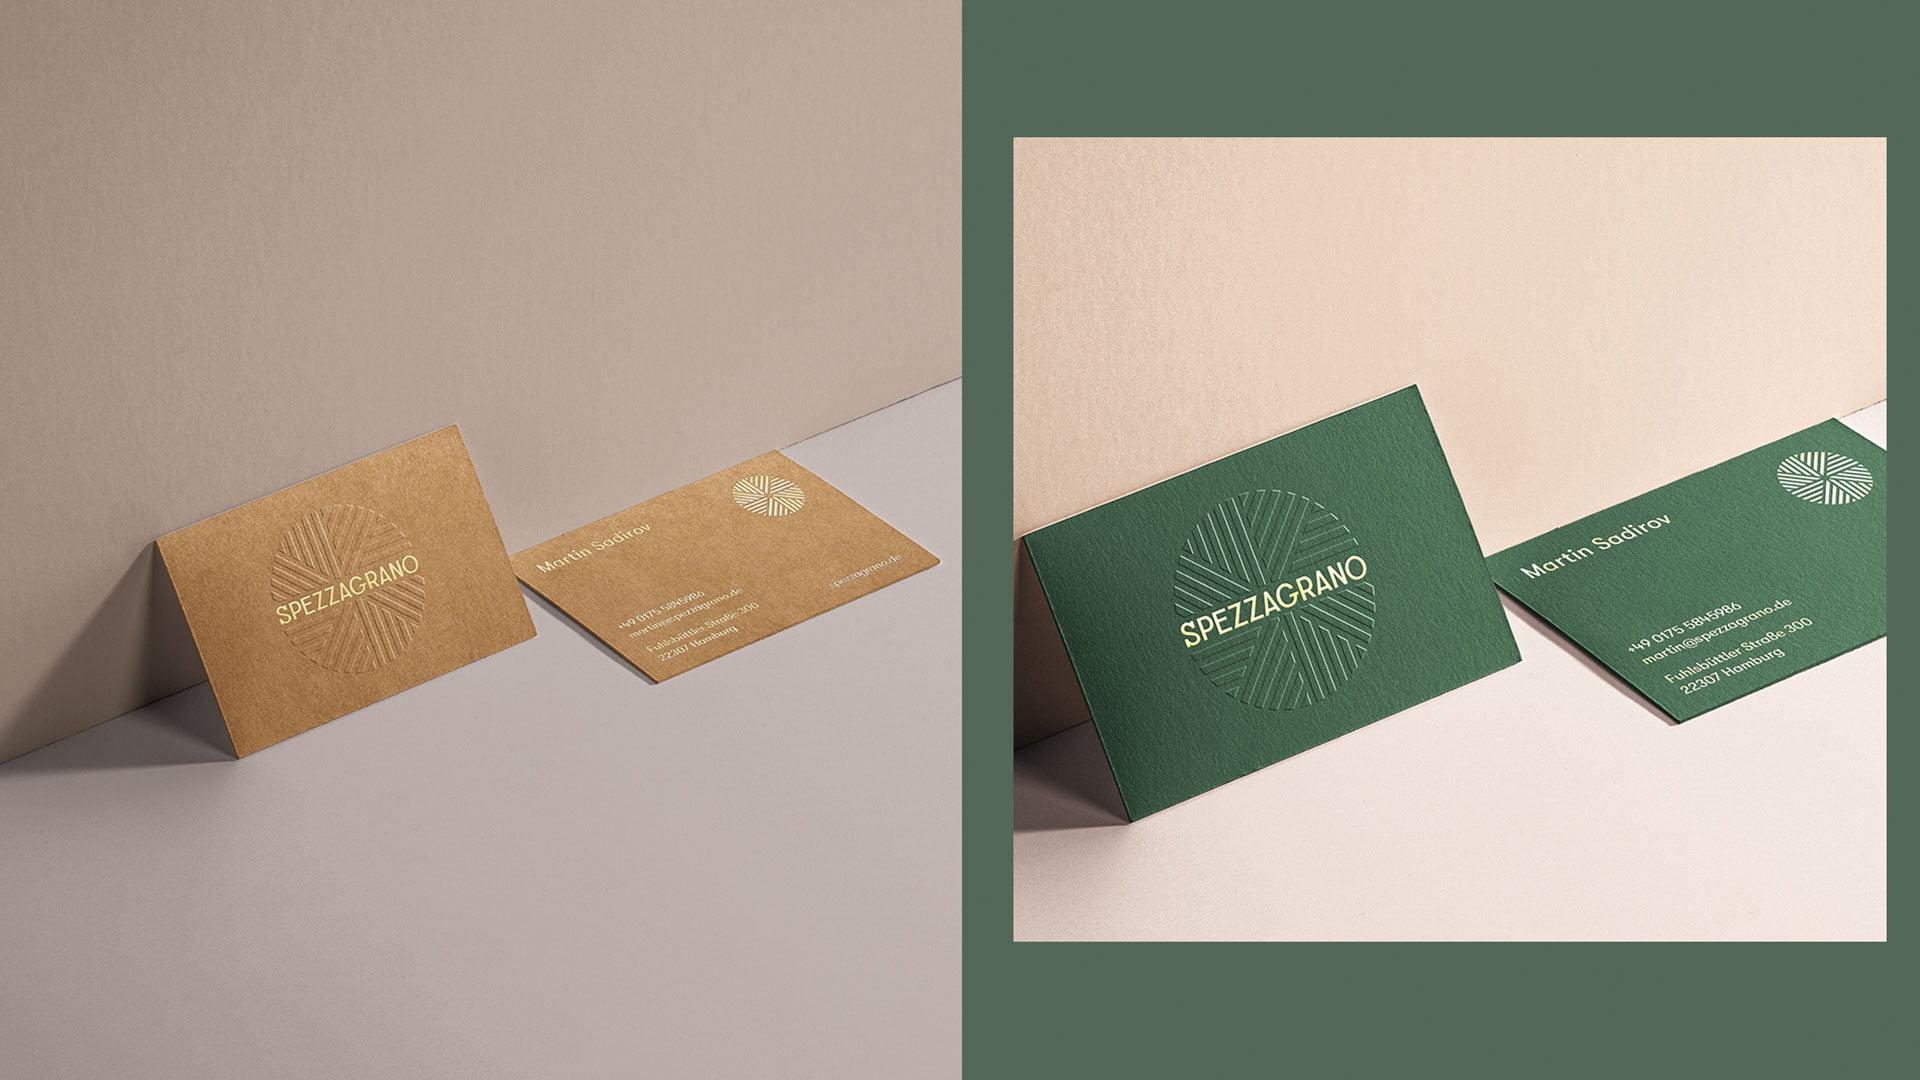 gra brand design spezzagrano 7